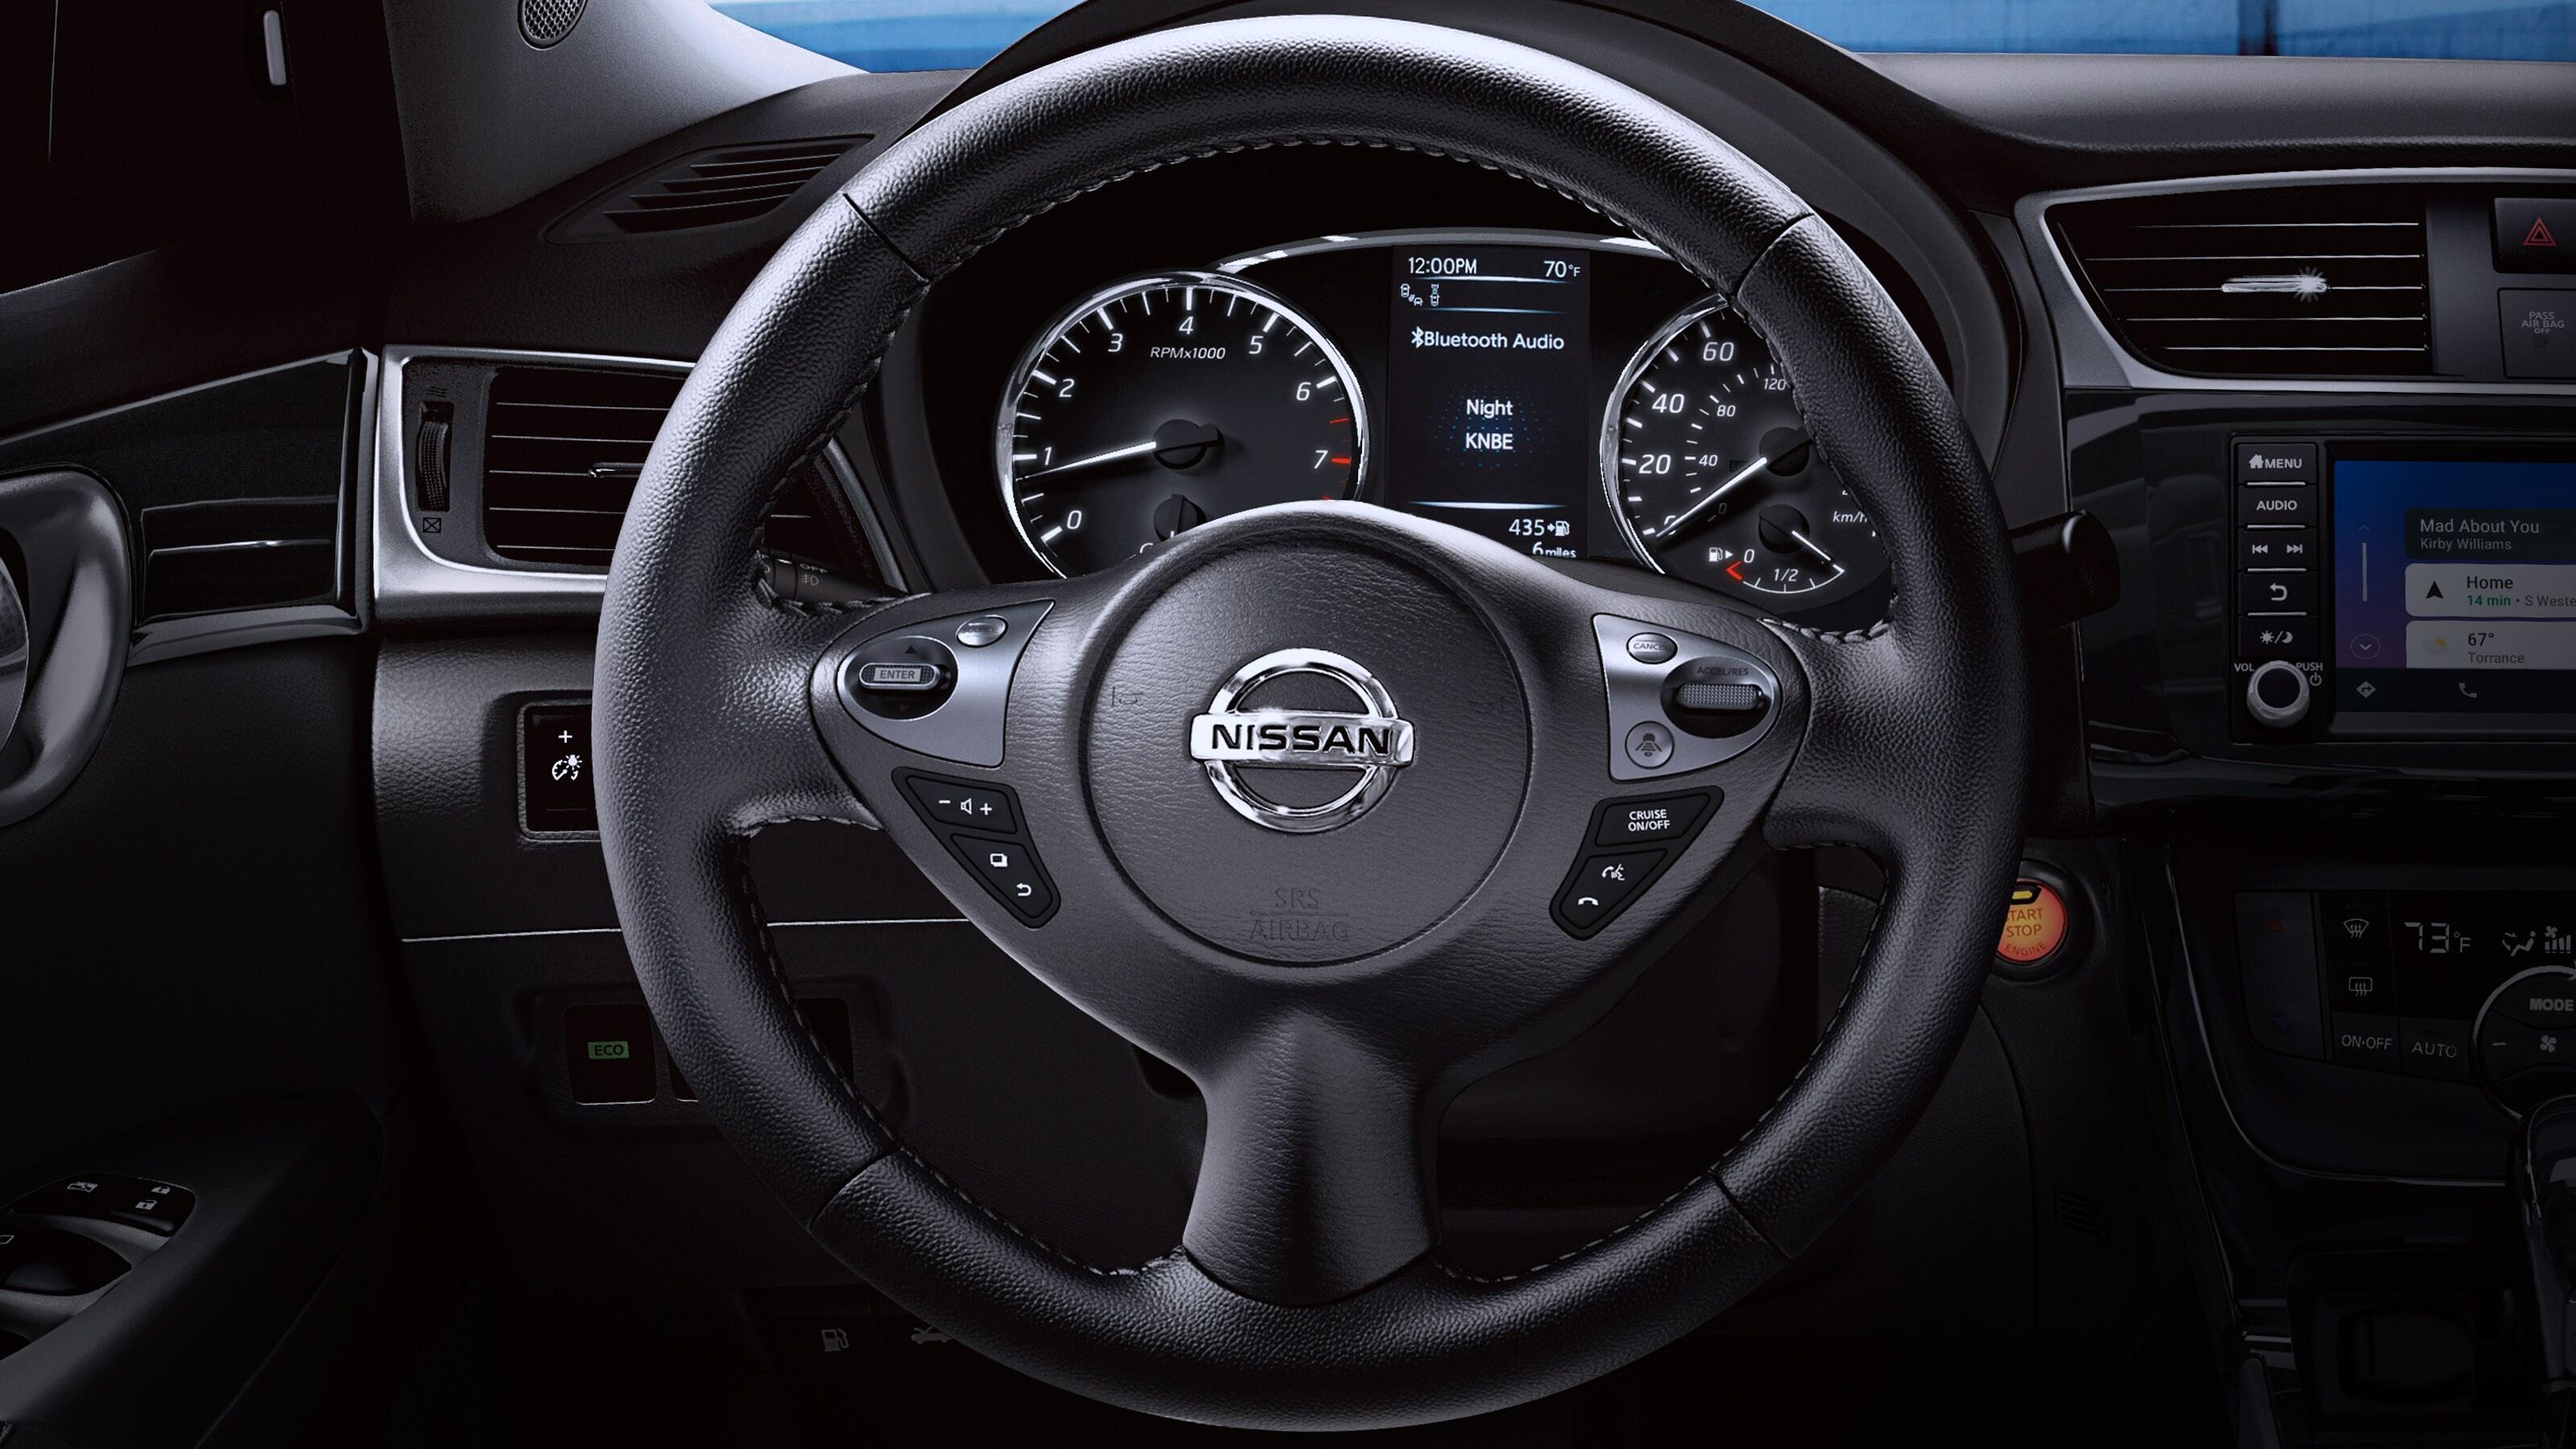 2019 Nissan Sentra Steering Wheel